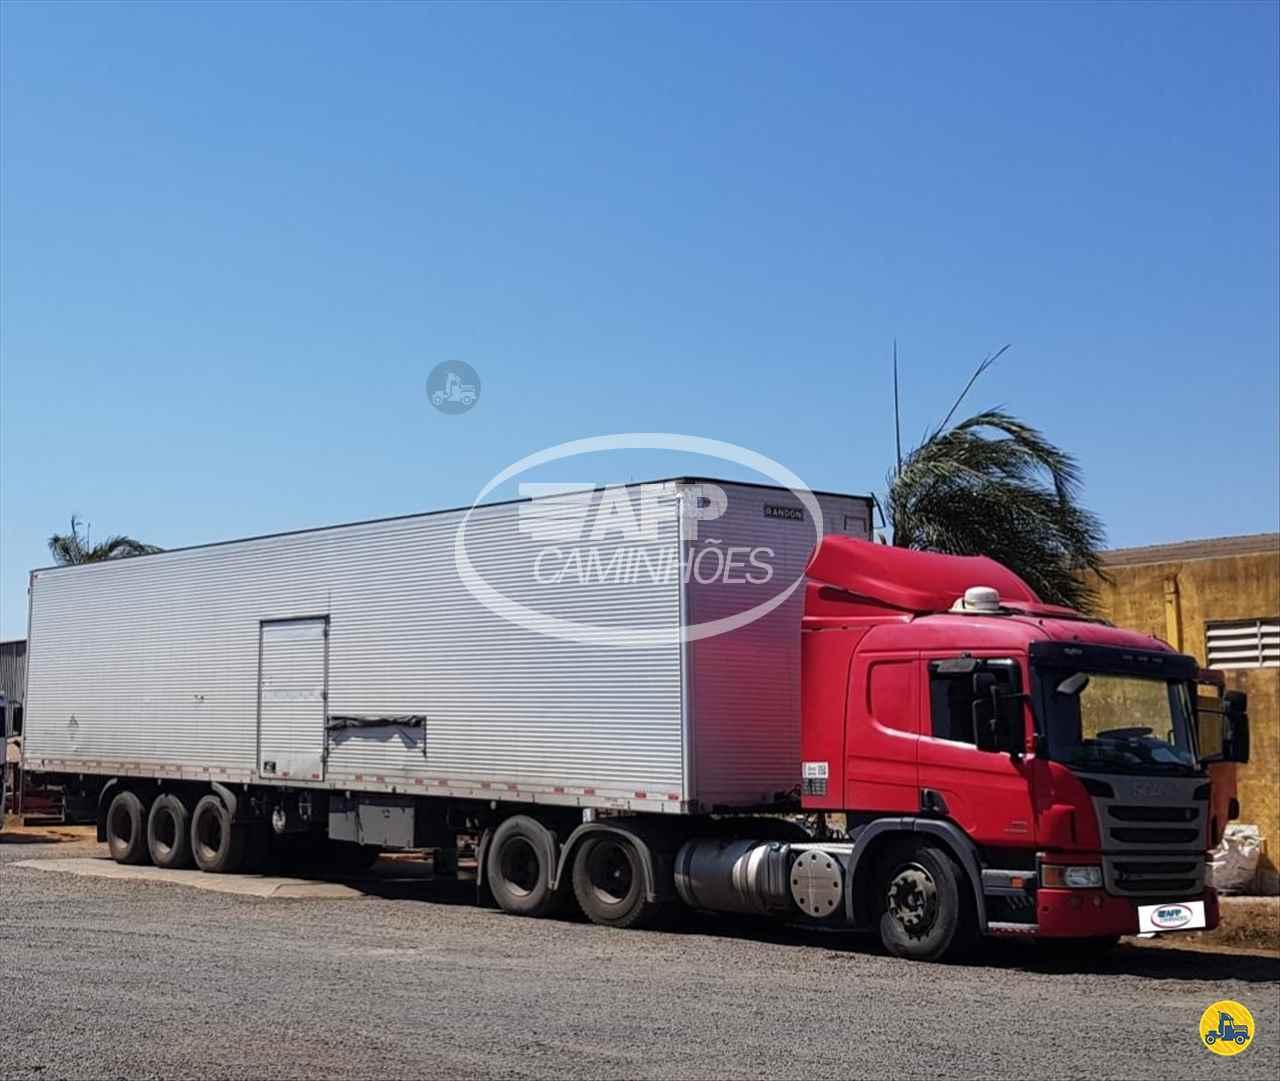 CAMINHAO SCANIA SCANIA 360 Cavalo Mecânico Truck 6x2 AFP Caminhões UBERLANDIA MINAS GERAIS MG